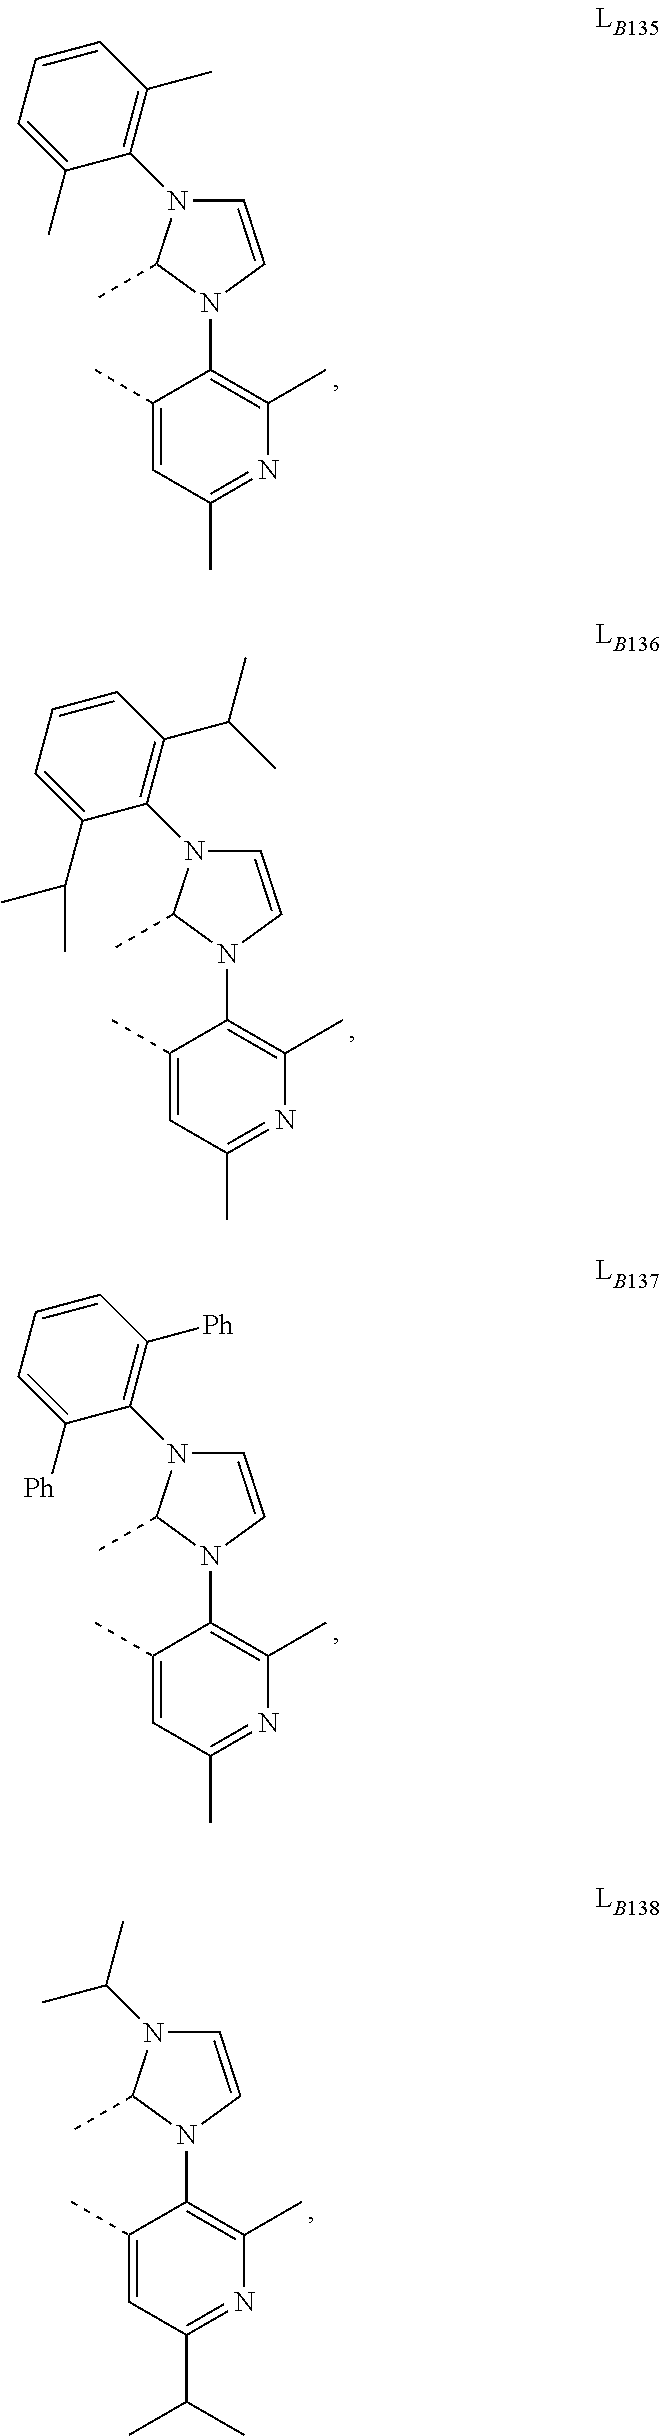 Figure US09905785-20180227-C00527